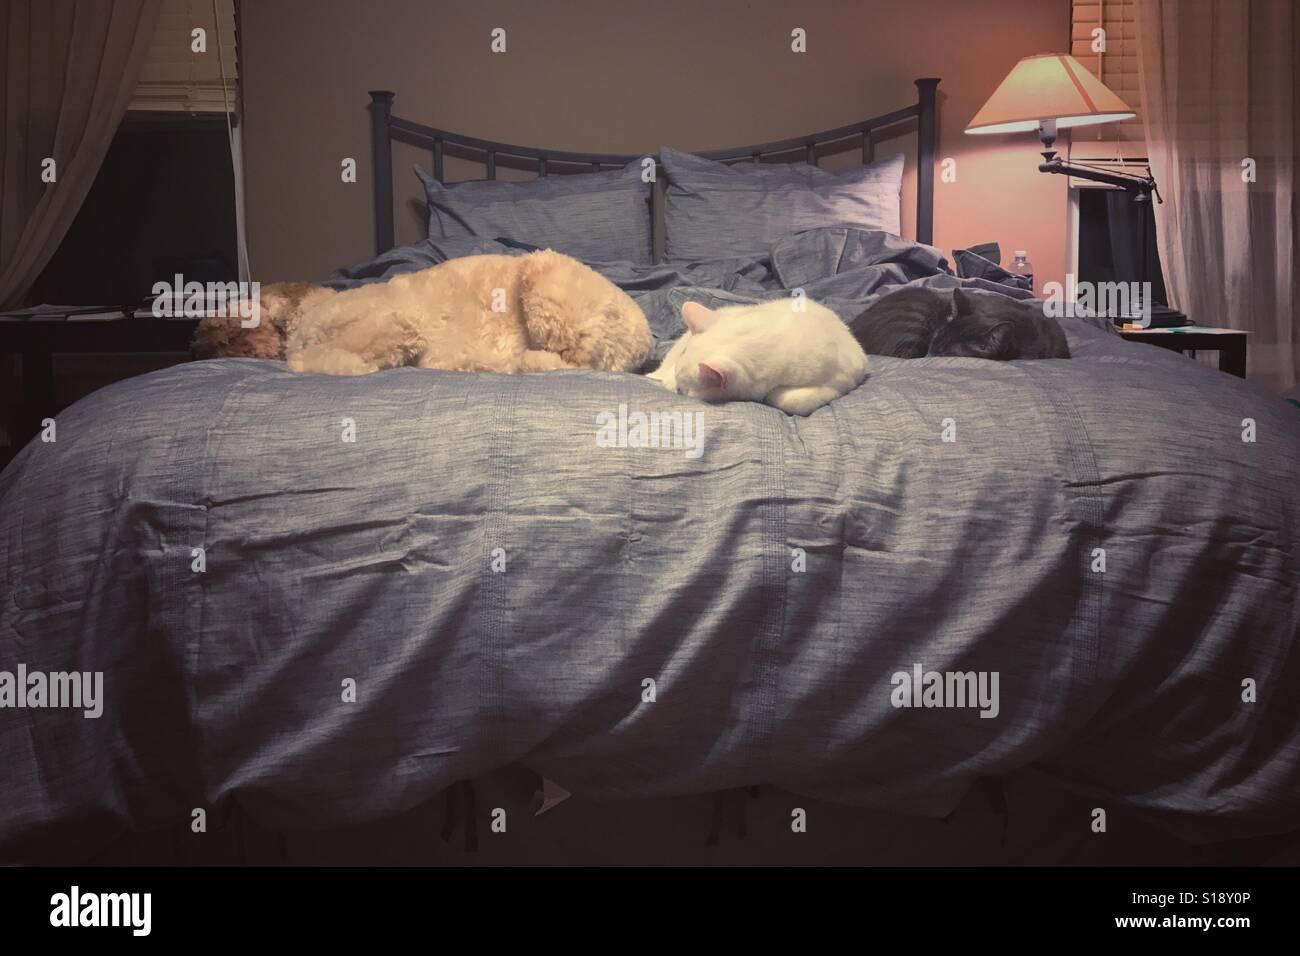 Ein Hund und zwei Katzen nehmen das gesamte Bett. Stockfoto